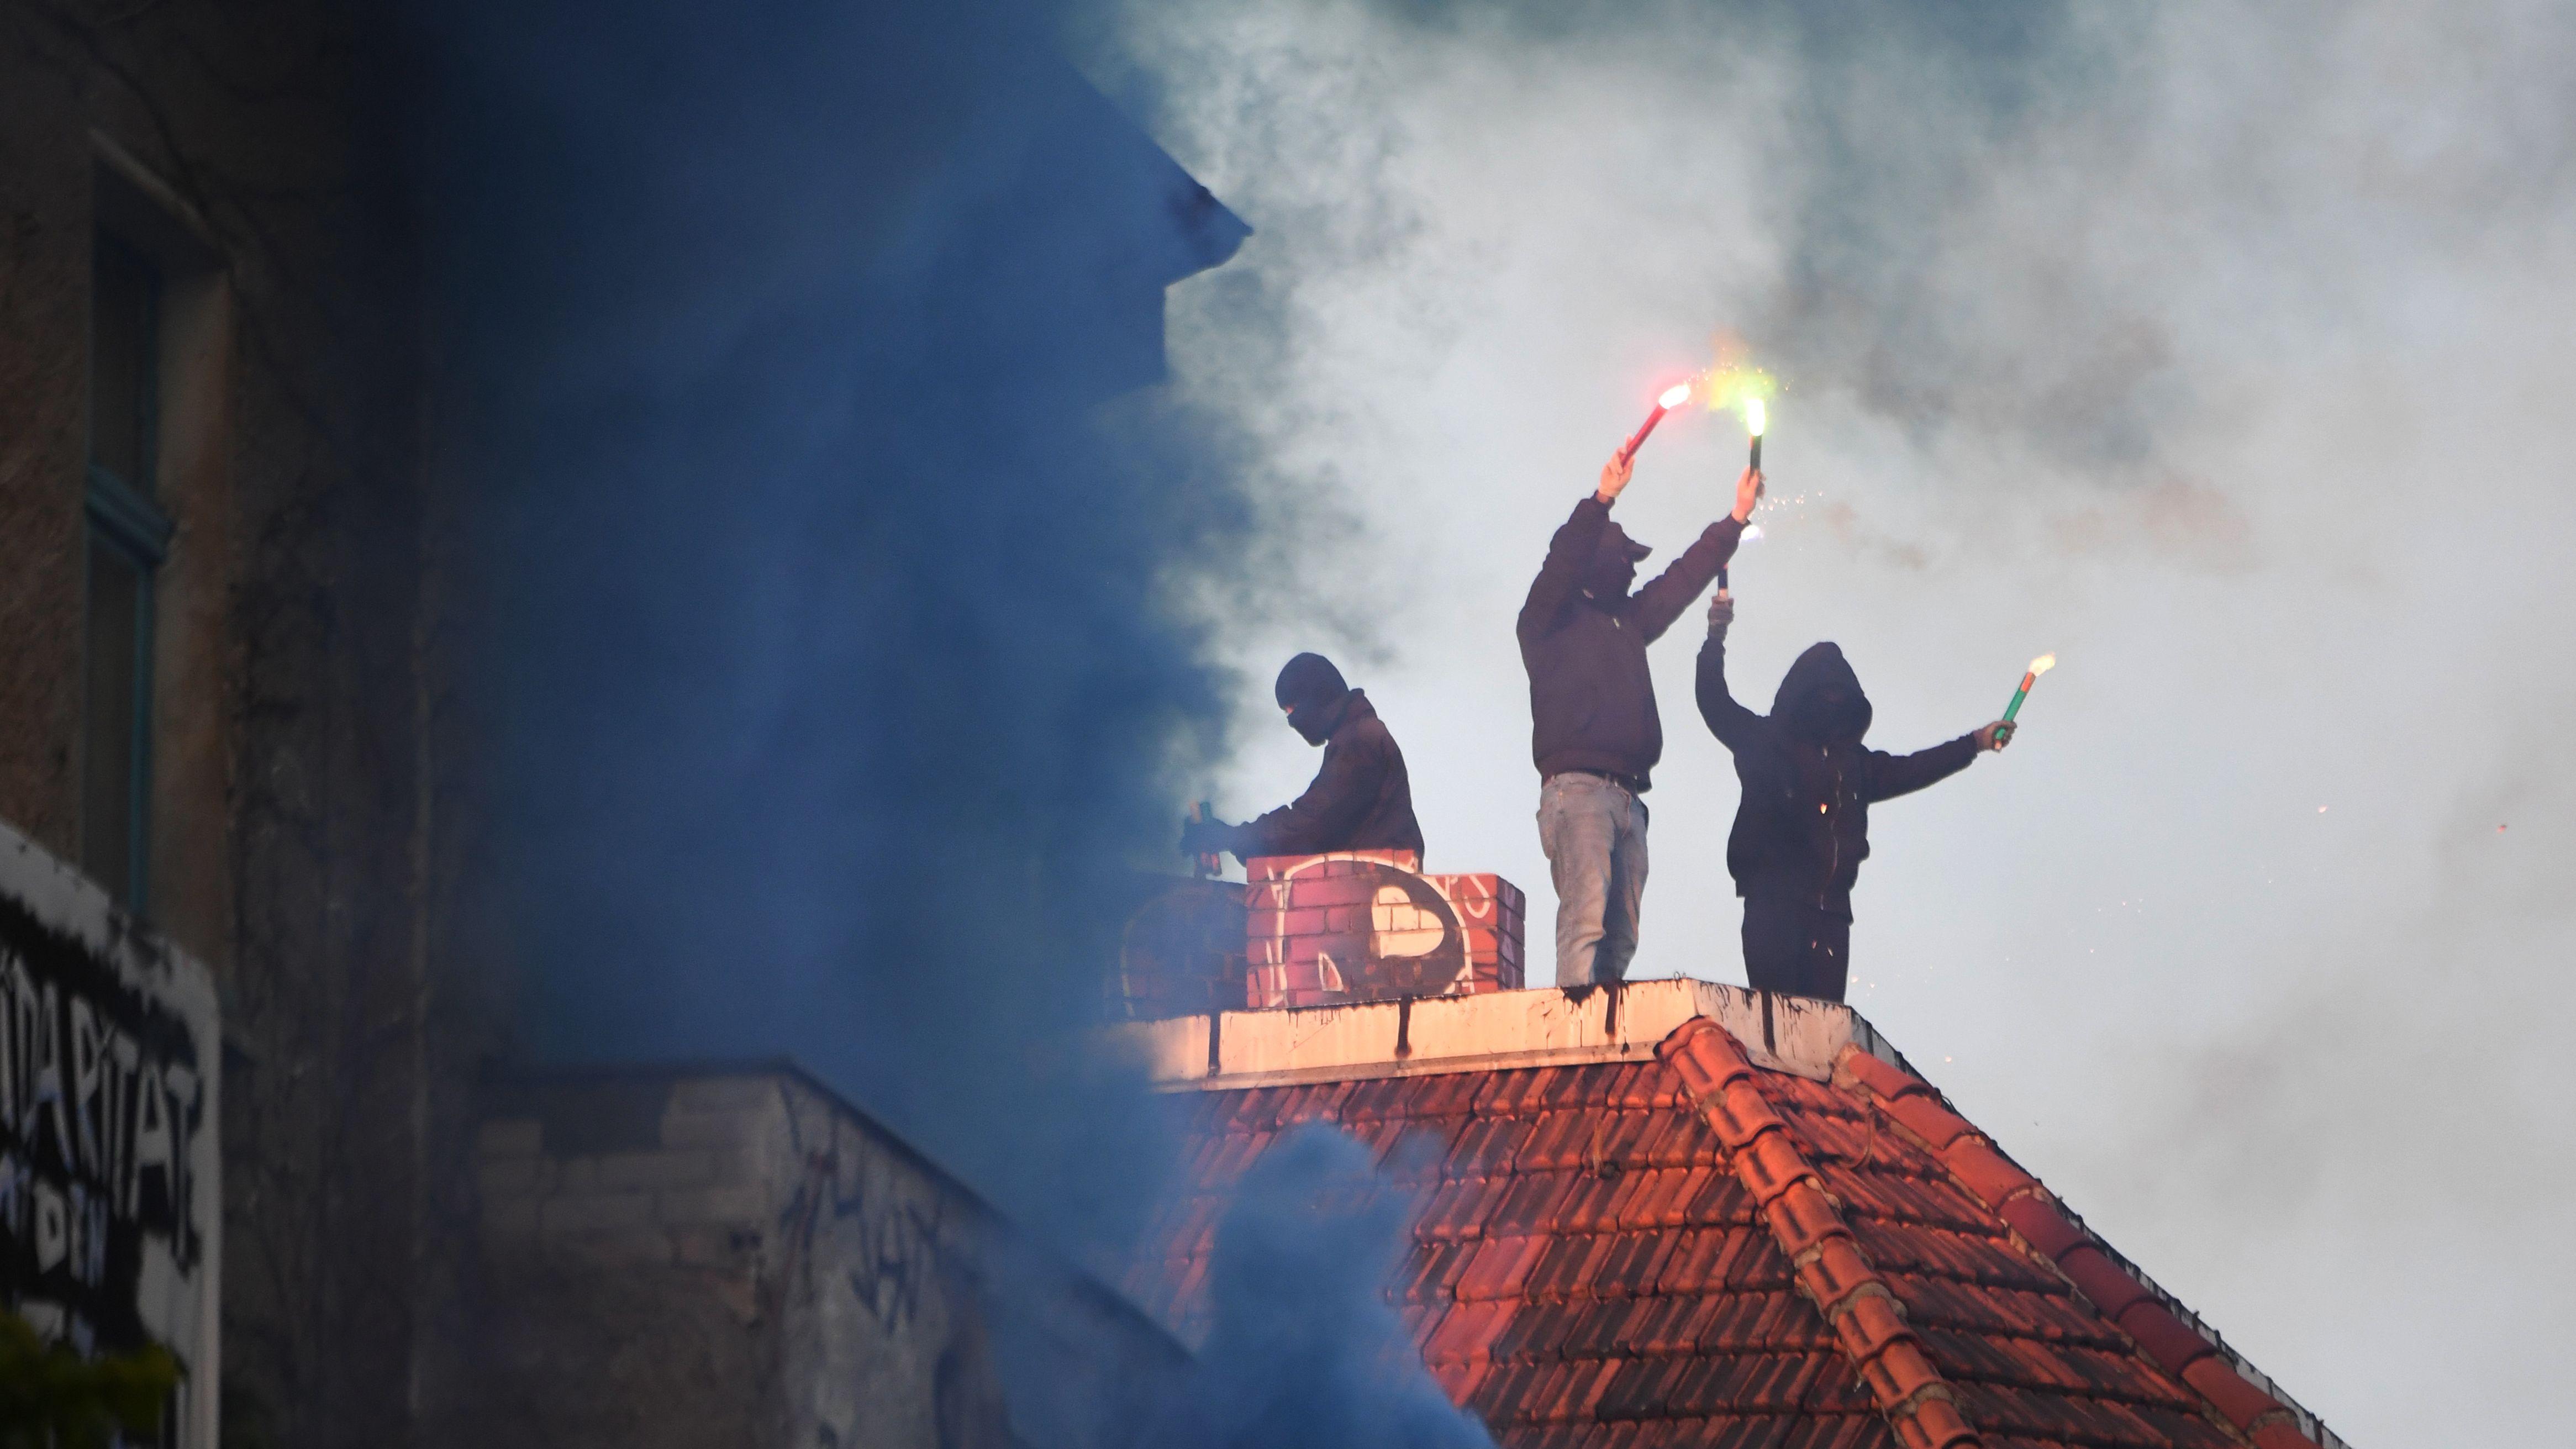 Archivbild: Unterstützer der linksradikalen «Revolutionären 1. Mai-Demonstration» stehen mit Pyrotechnik in den Händen auf einem Dach in Friedrichshain.